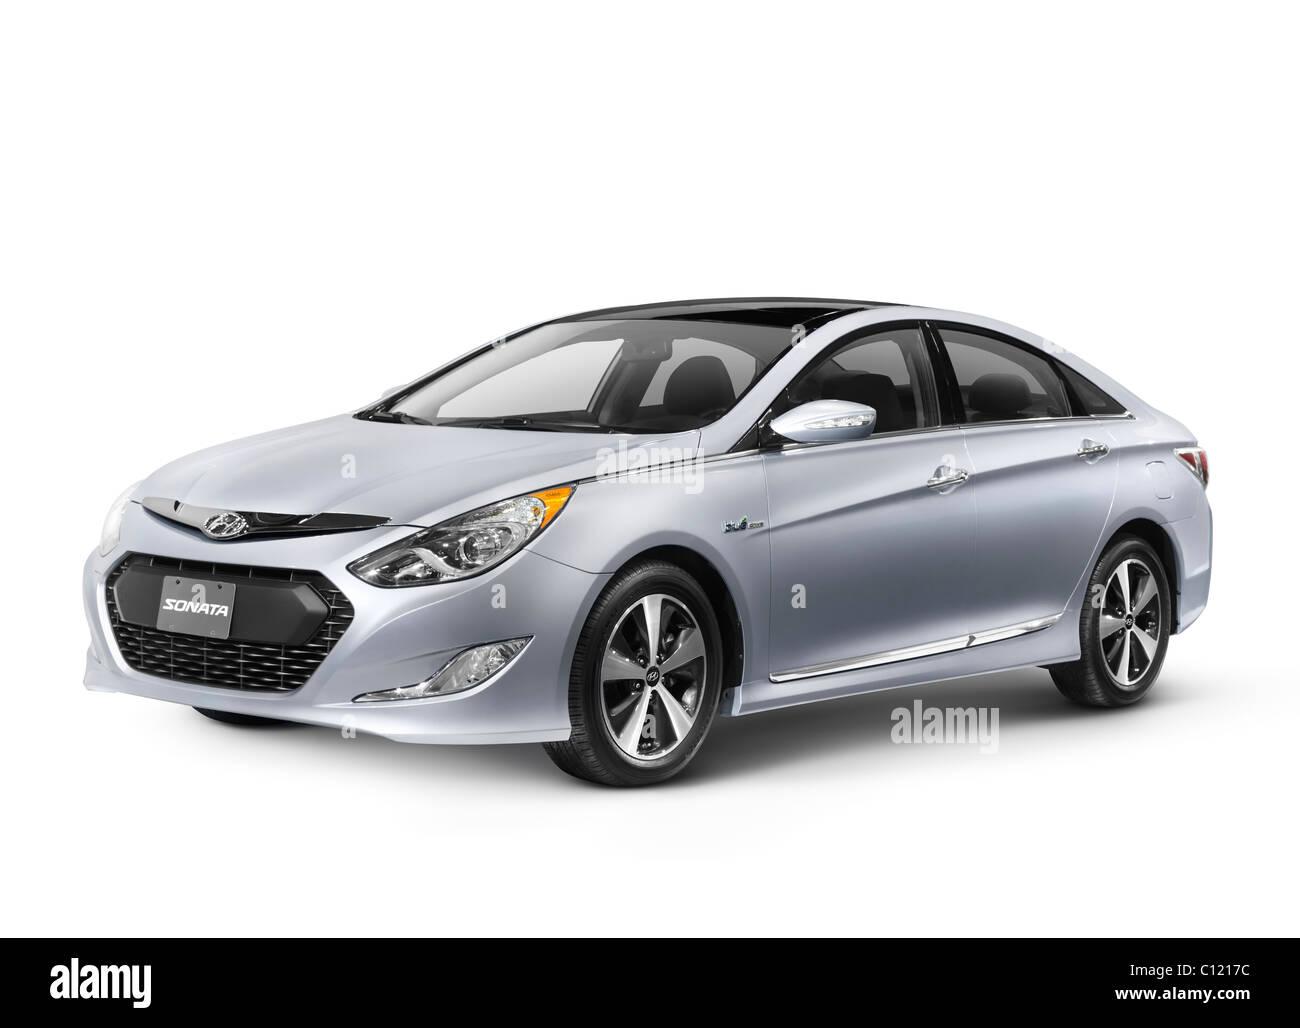 2011 Hyundai Sonata Hybrid Premium car aisladas sobre fondo blanco con trazado de recorte Imagen De Stock